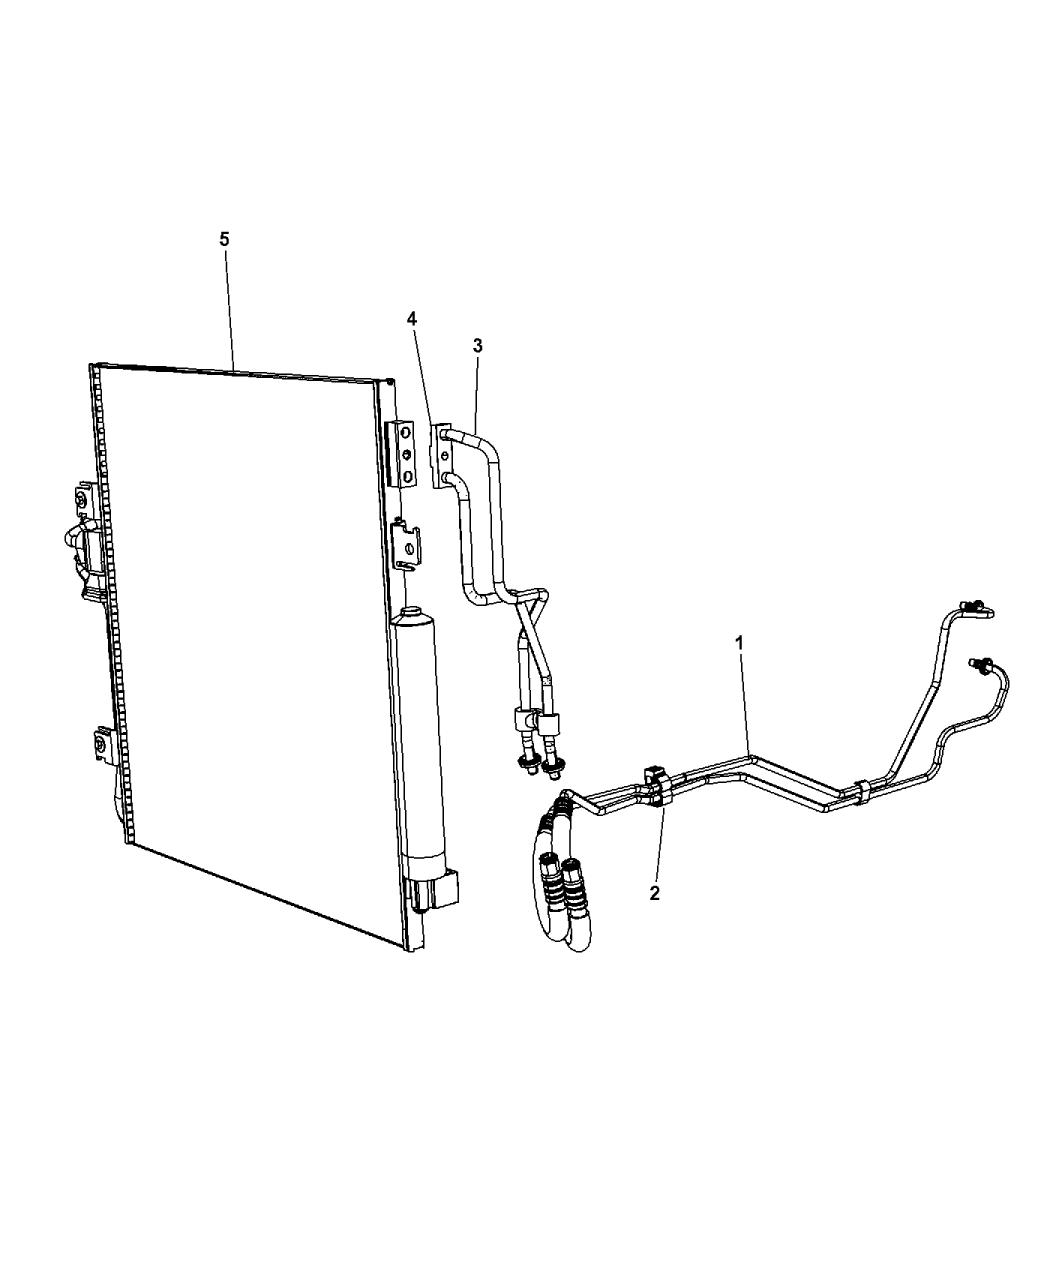 2007 Dodge Nitro Transmission Oil Cooler & Lines